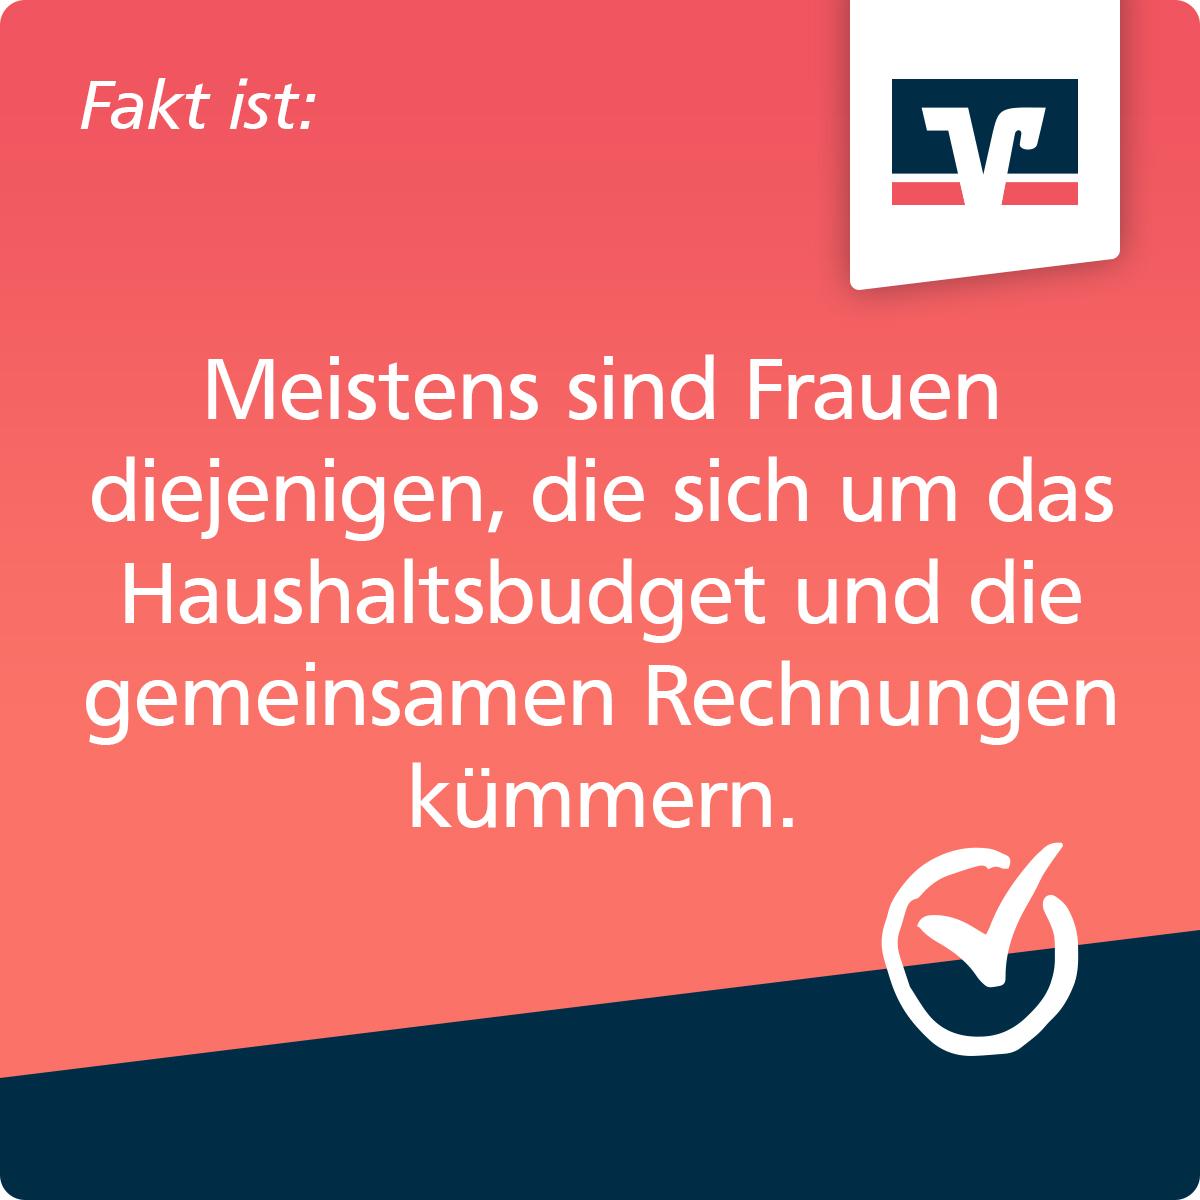 """Zukunftsplanerin-Kachel """"Rechnungen"""": Fakt ist: Meistens sind Frauen diejenigen, die sich um das Haushaltsbudget und die gemeinsamen Rechnungen kümmern"""